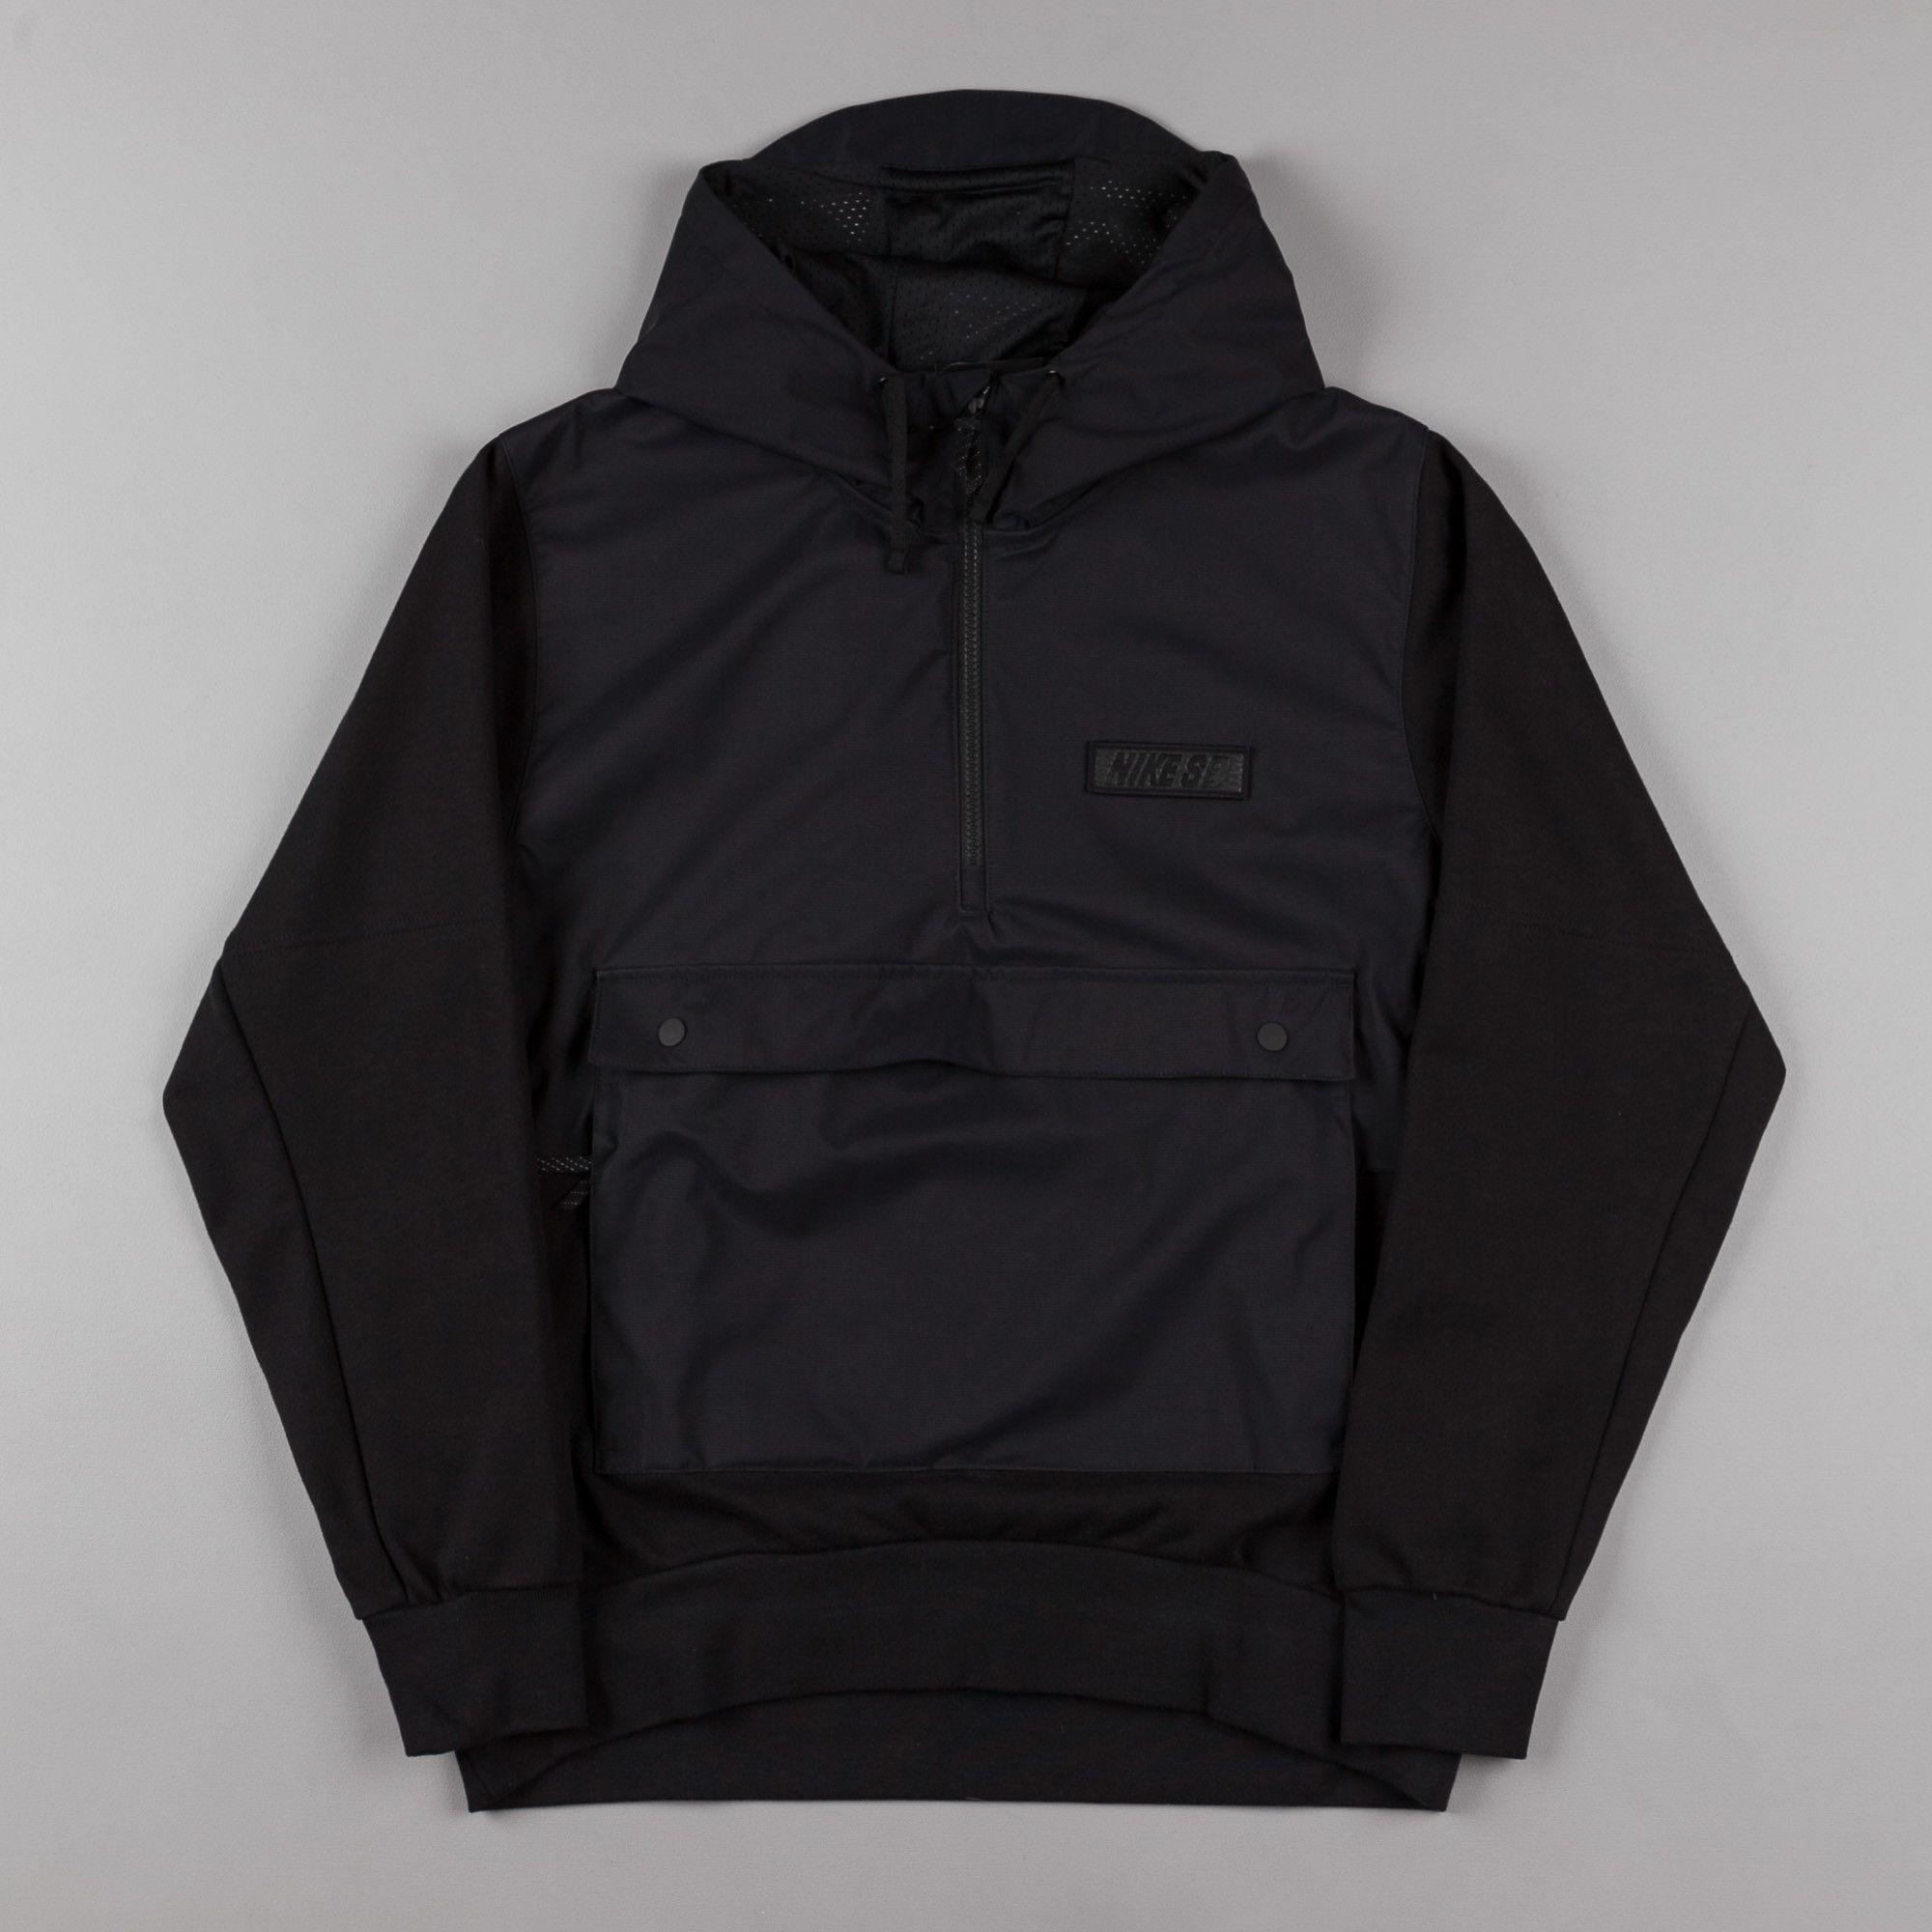 Nike Sb Everett Hoodie Jacket Black Black Black Hoodie Jacket Jackets Hoodies [ 2000 x 2000 Pixel ]